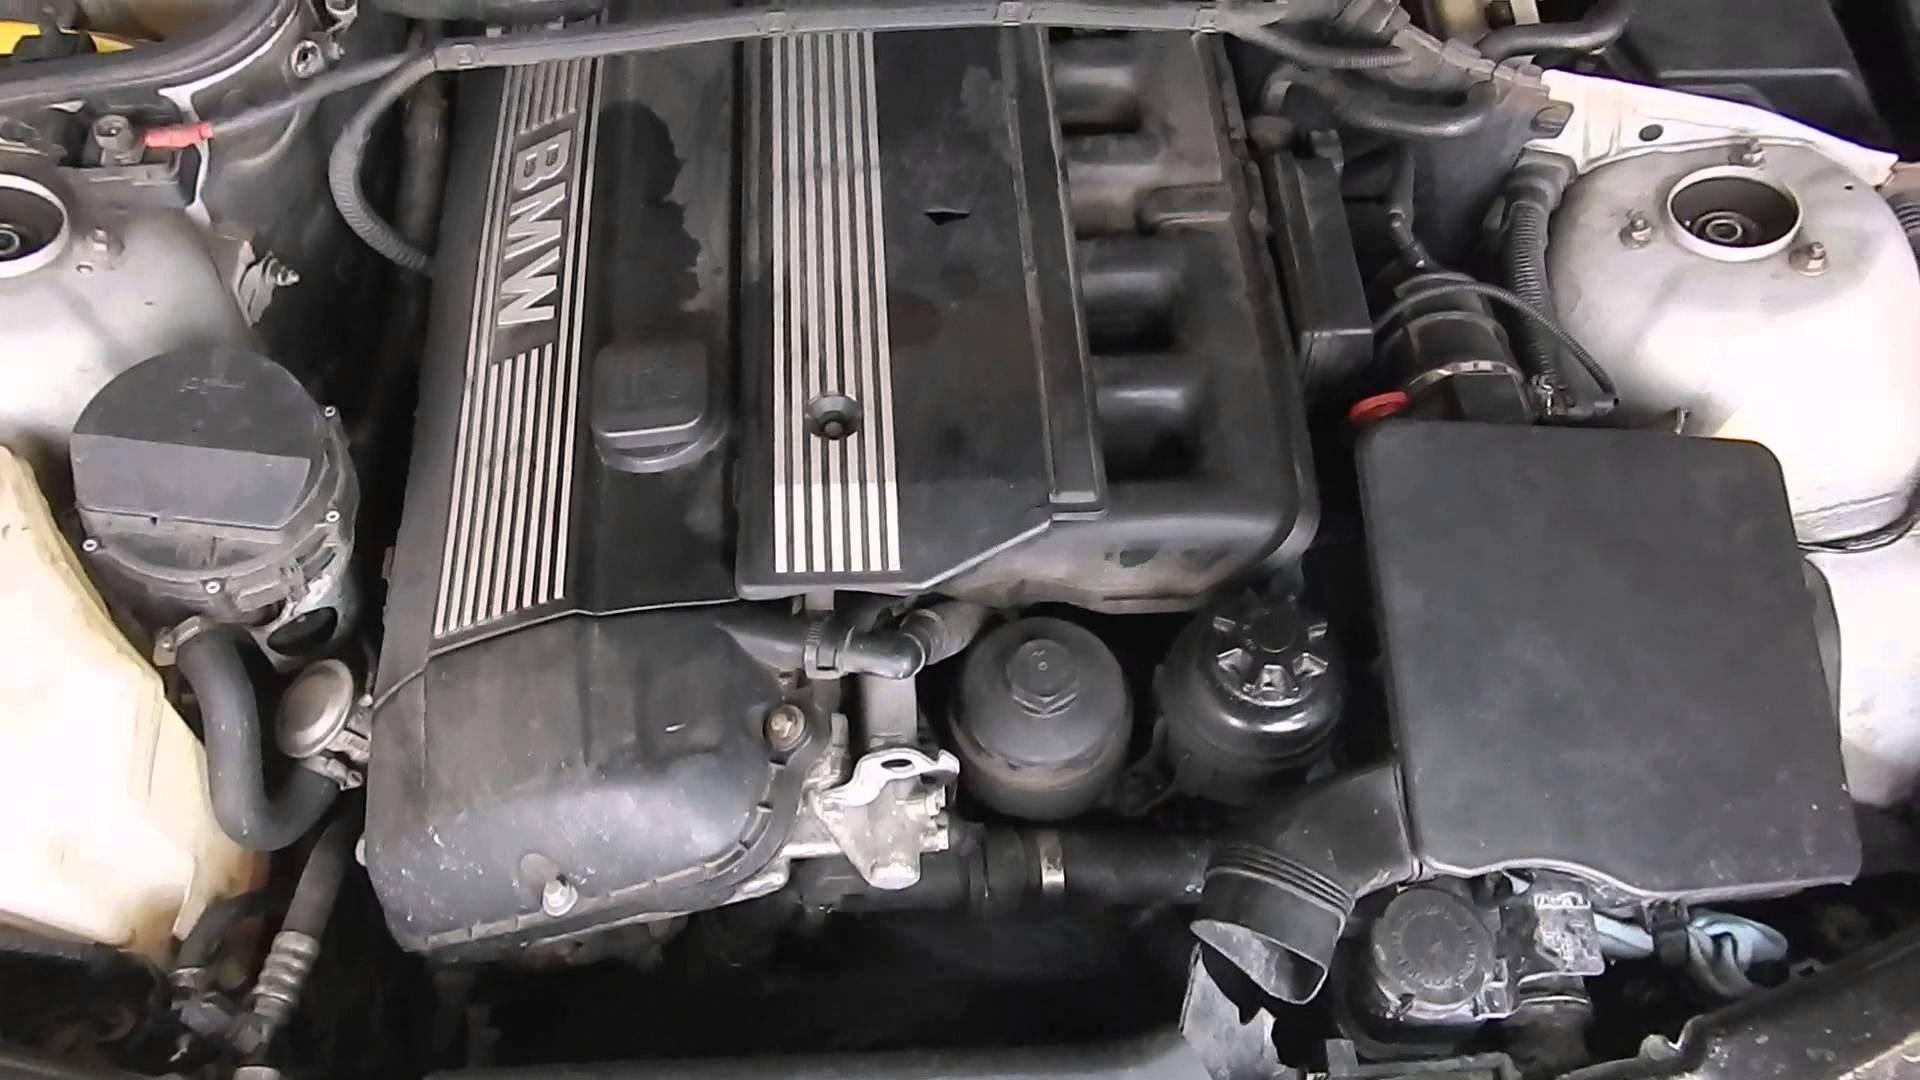 [XOTG_4463]  GV_8581] 2001 Bmw 330Ci Engine Diagram Wiring Diagram | 2001 Bmw E46 Engine Diagram |  | Amenti Inoma Nful Mohammedshrine Librar Wiring 101